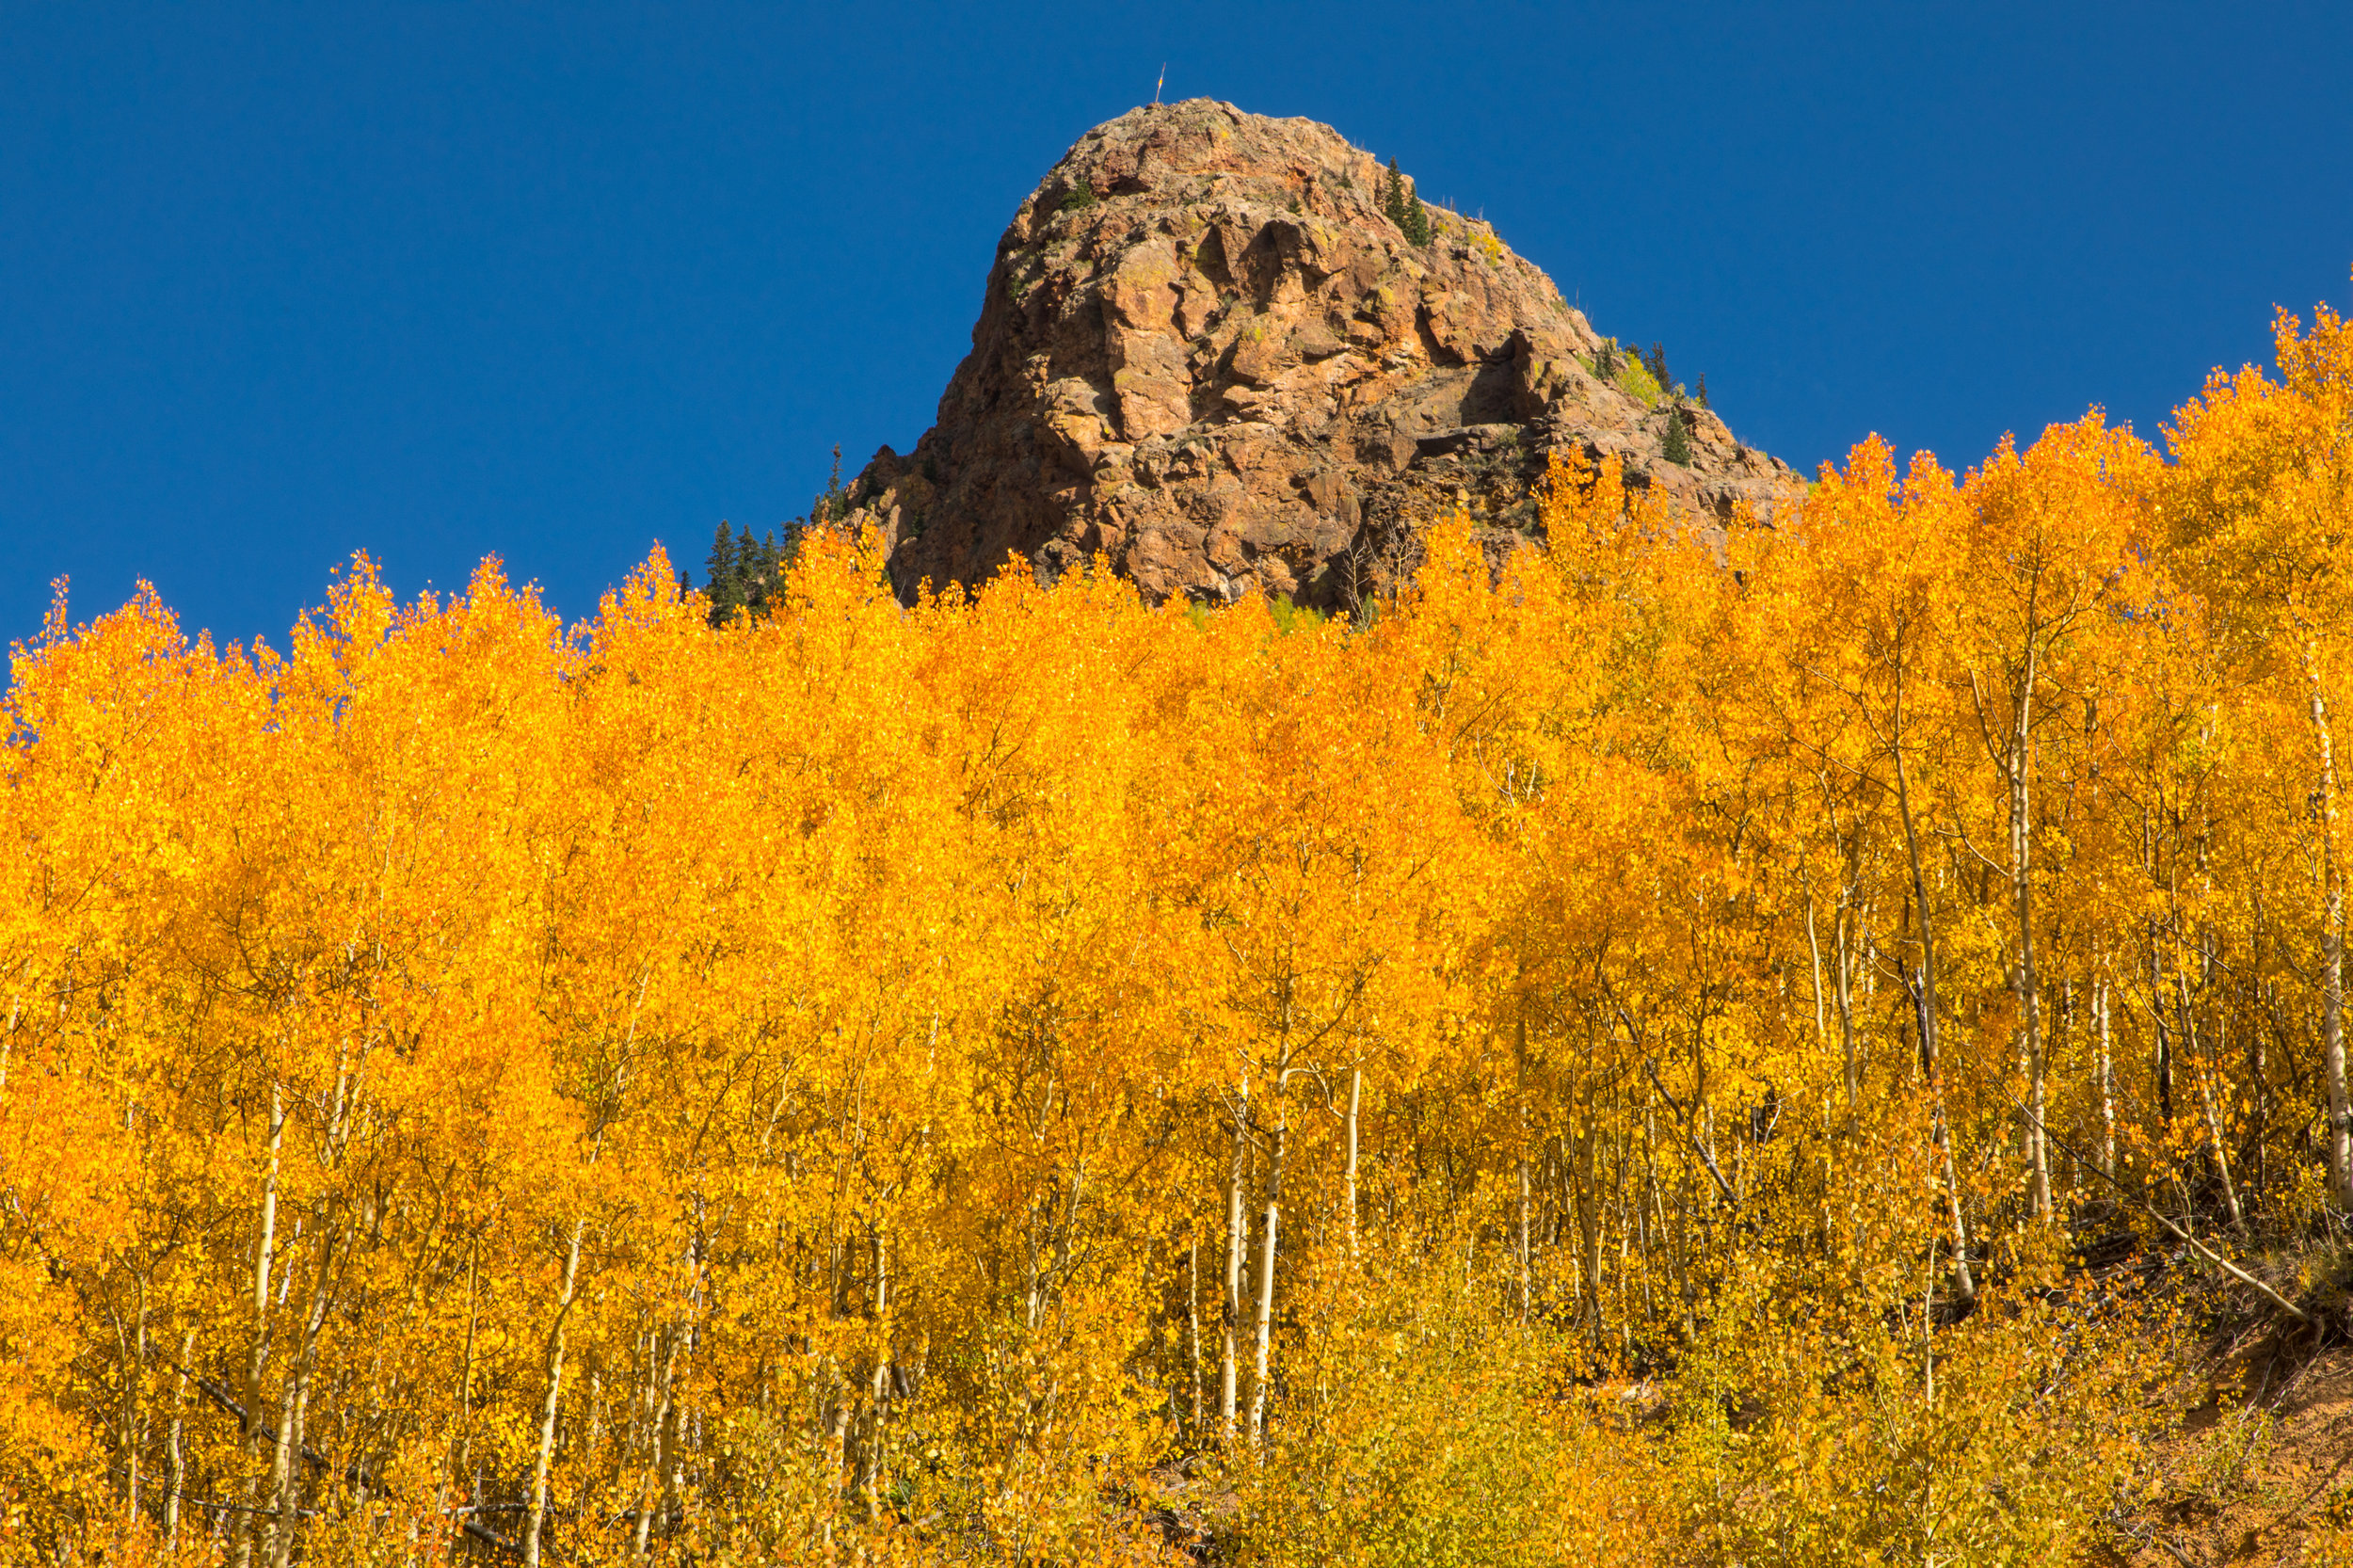 Silverton, Colorado, Image # 9492